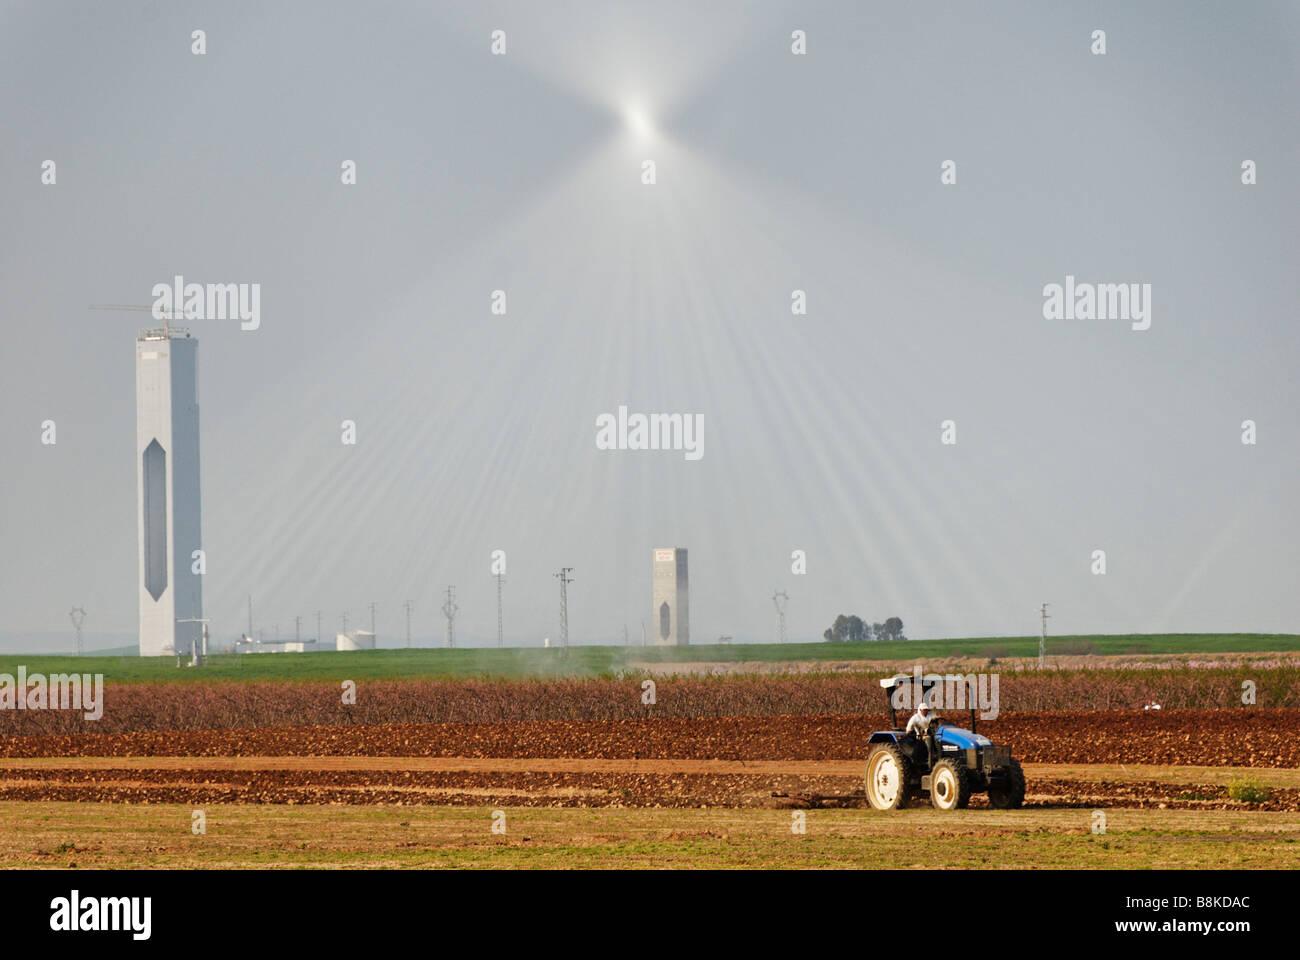 La torre solar PS20 en construcción de plantas de energía termoeléctrica producirá energía Imagen De Stock